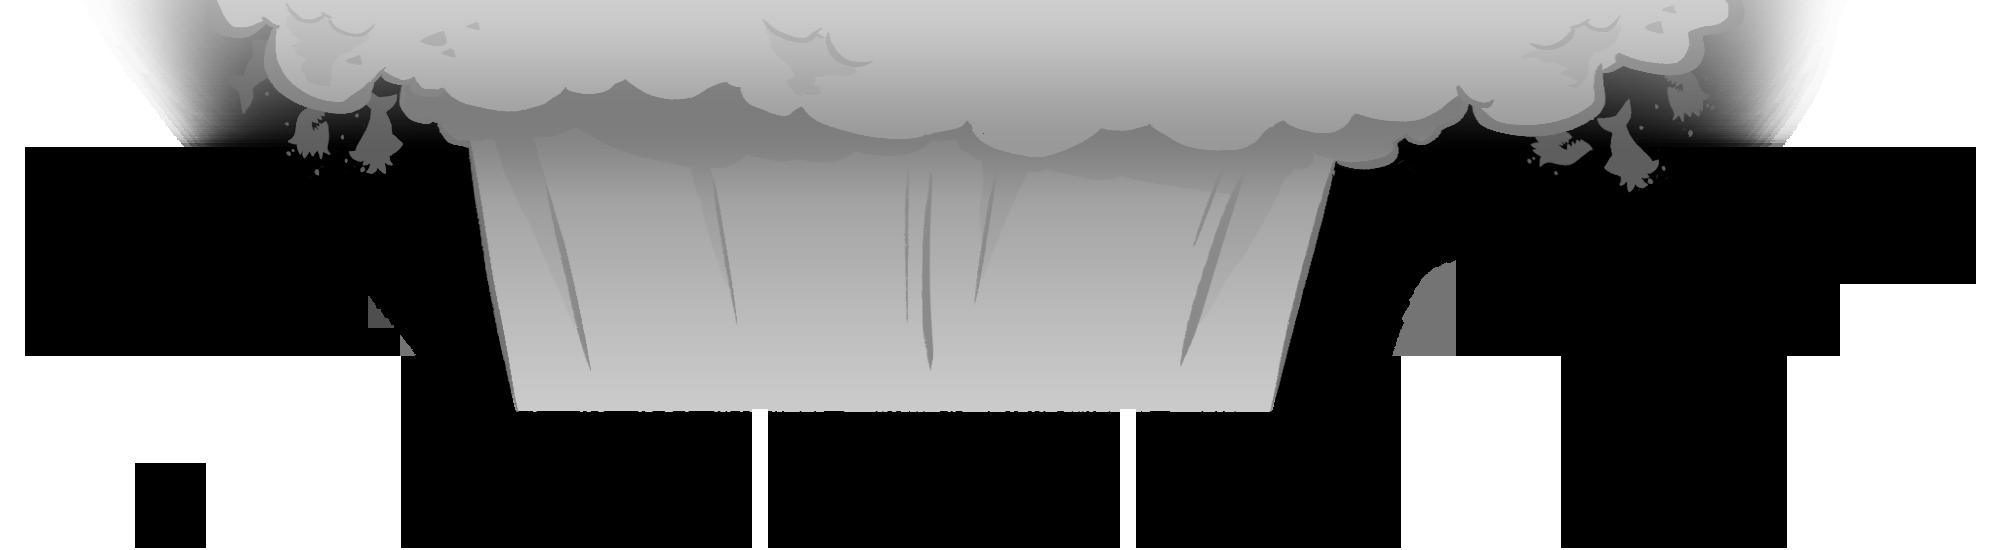 sharksplode-main-bg-3x-7